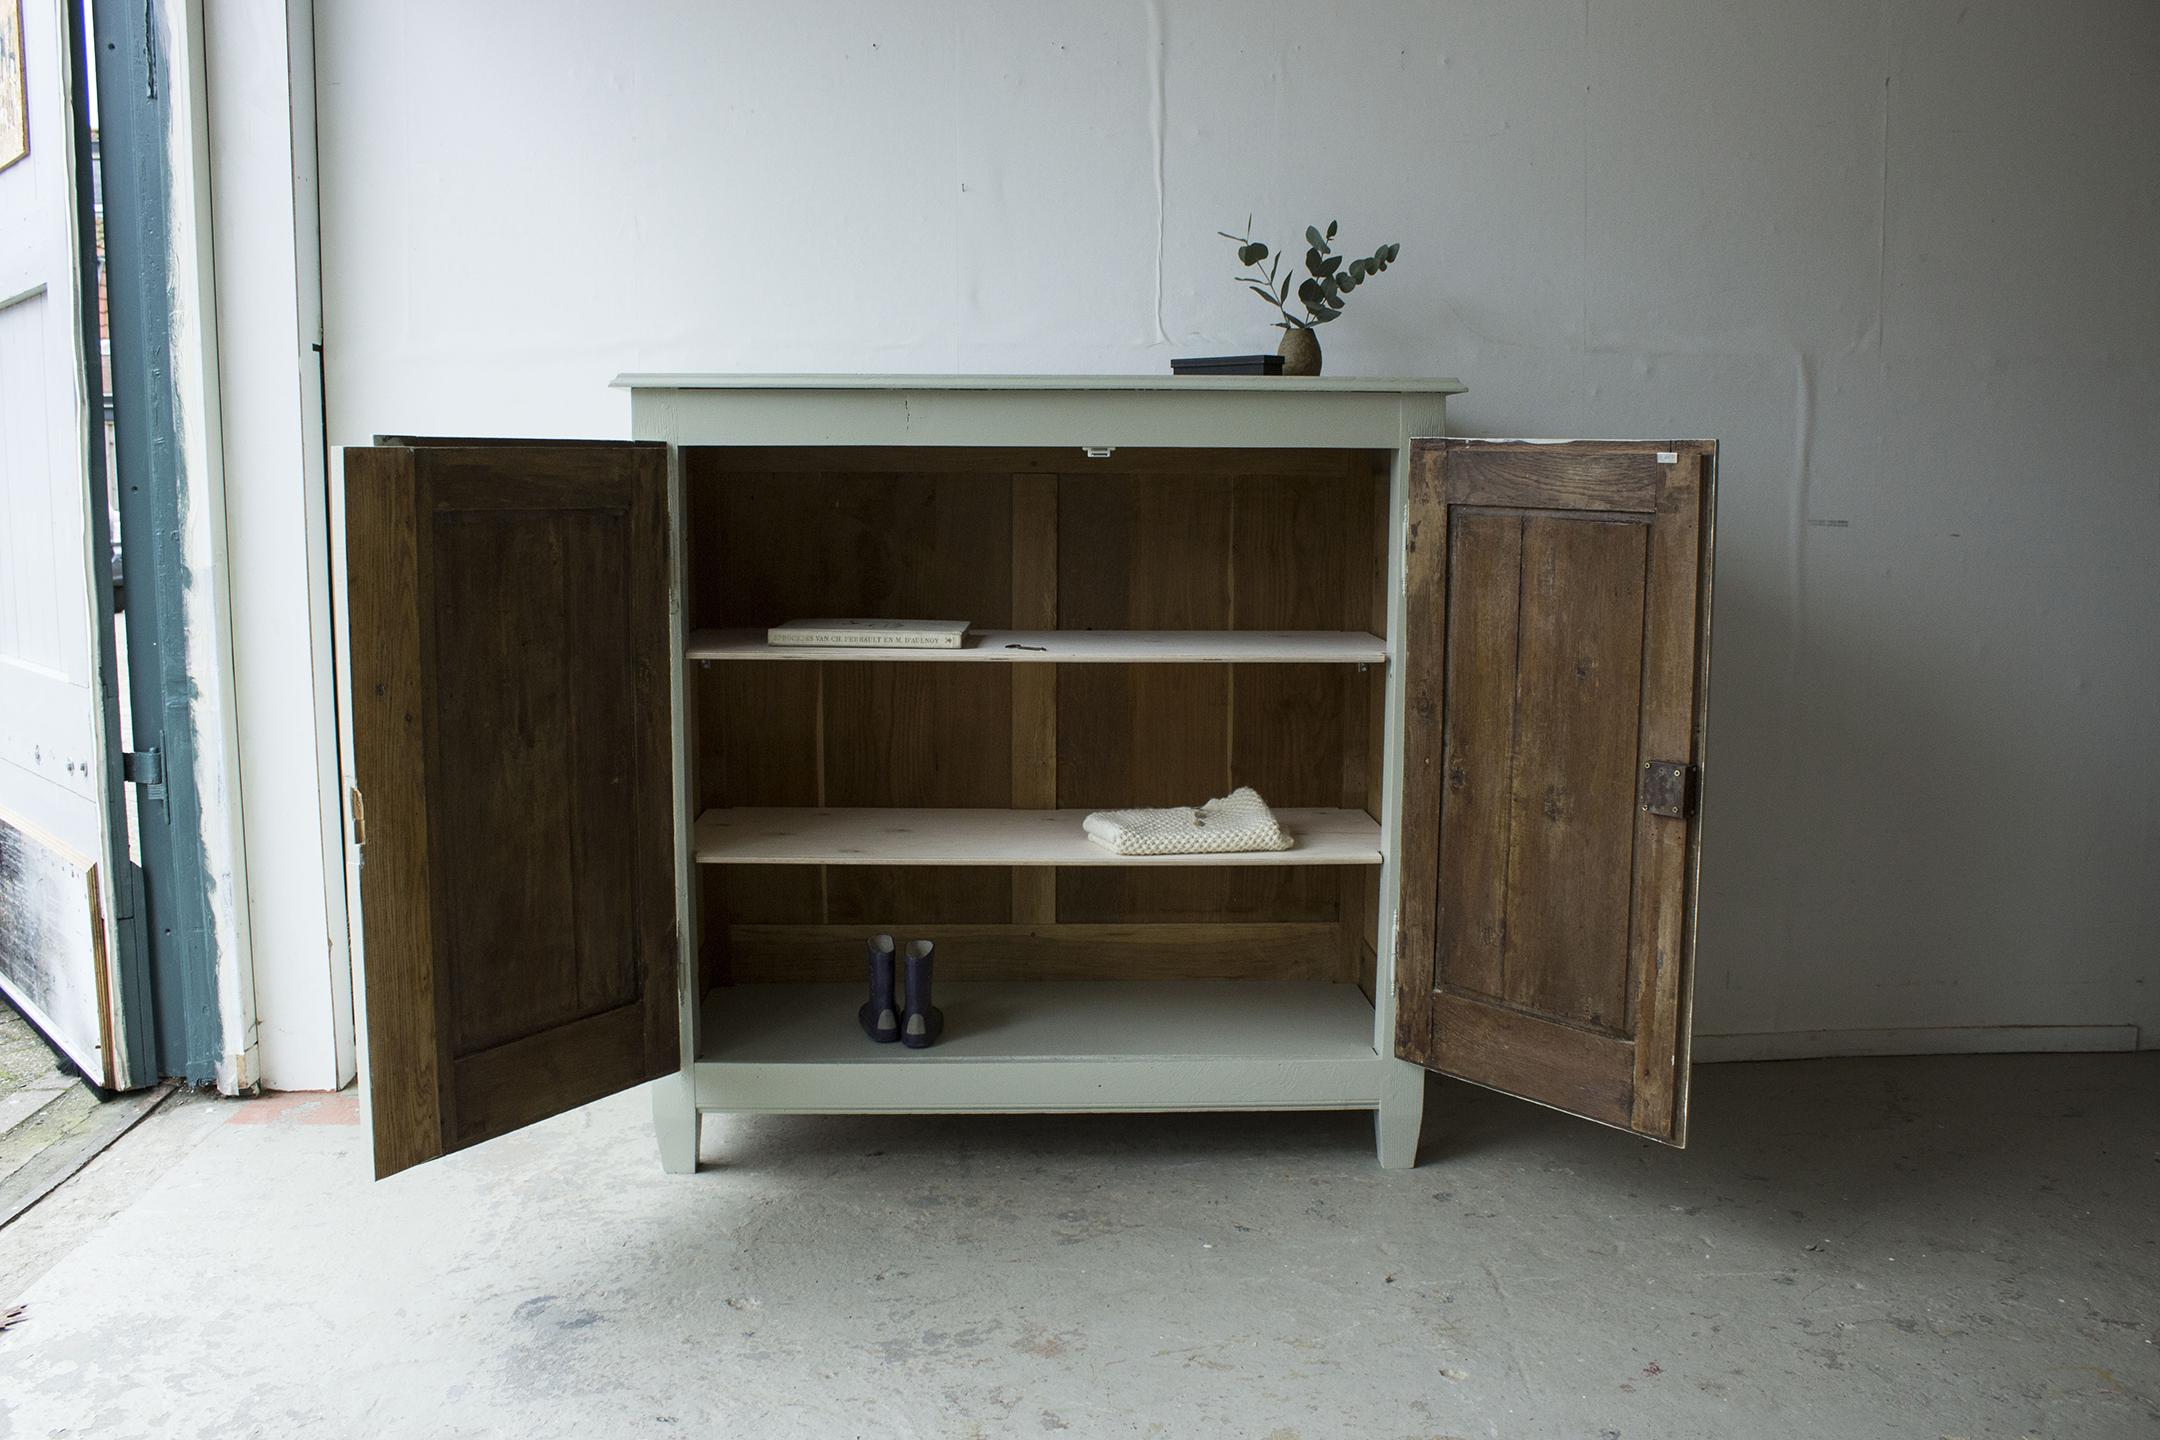 1329 - zachtgroen vintage kastje -OPEN- - Firma zoethout.jpg